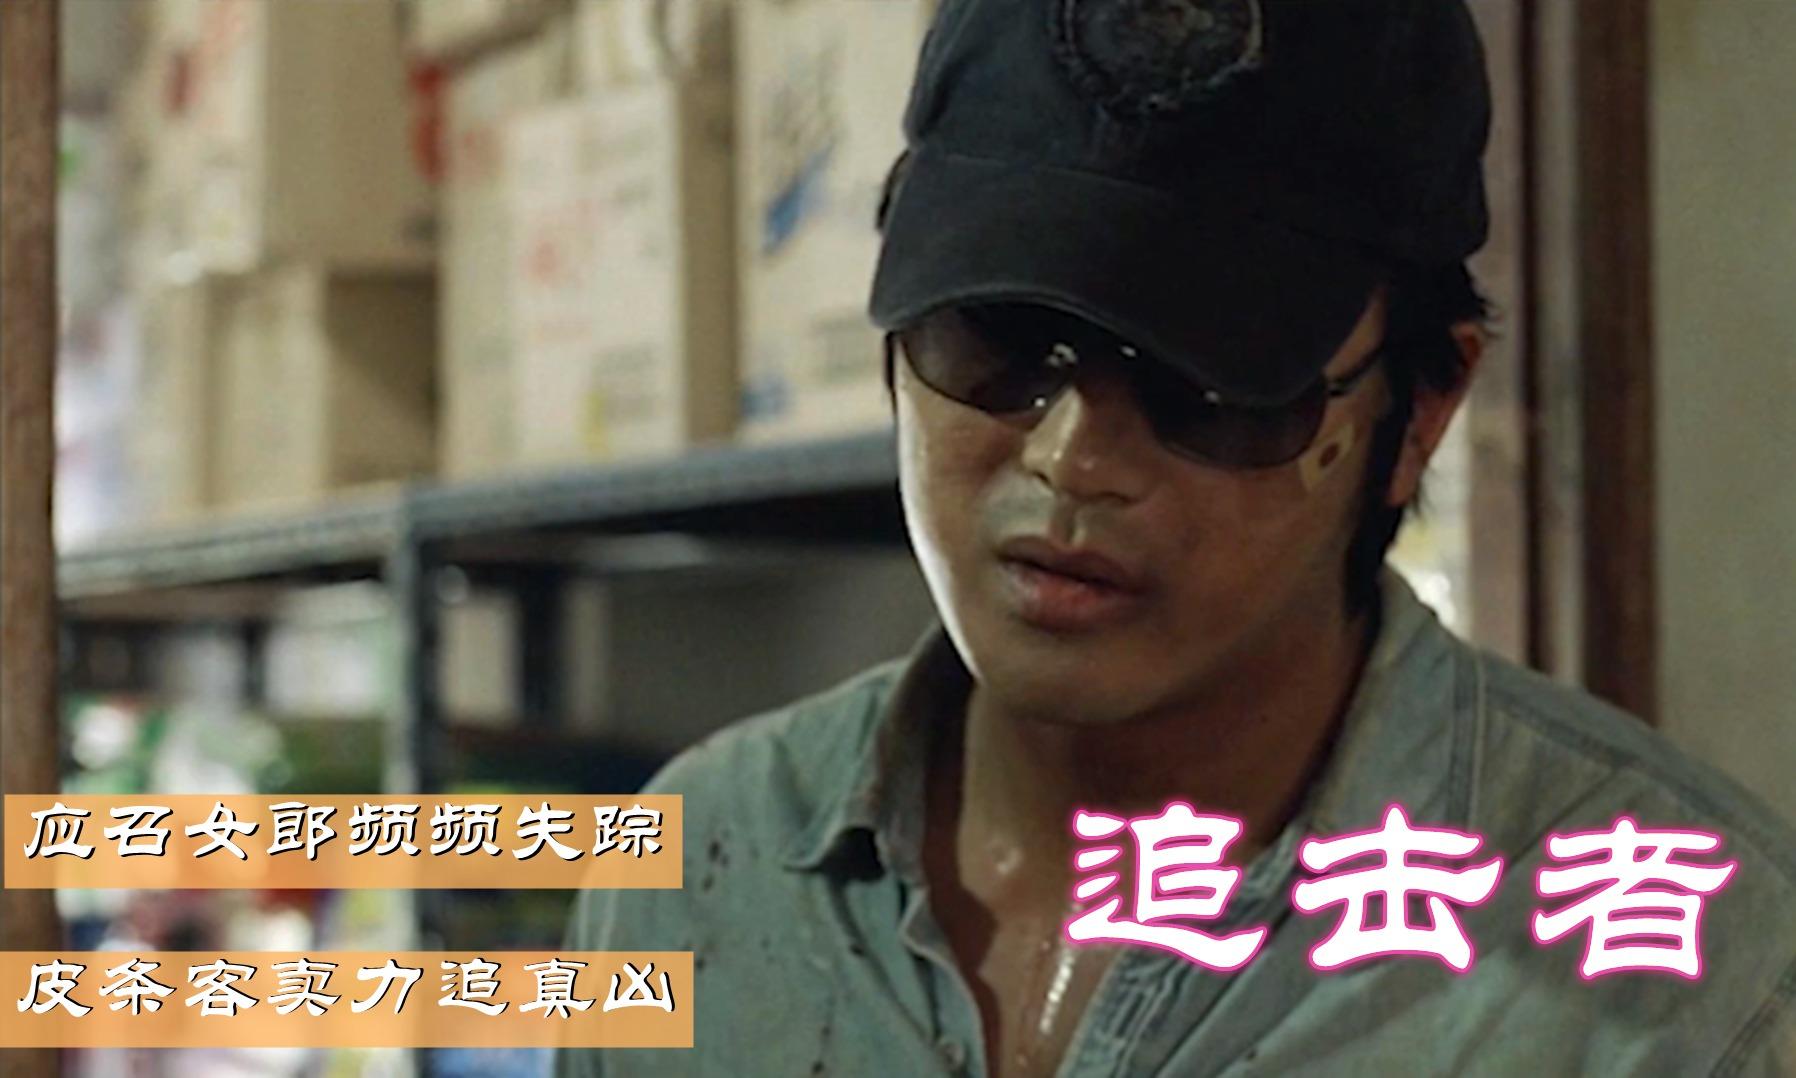 韩国高分犯罪惊悚片《追击者》